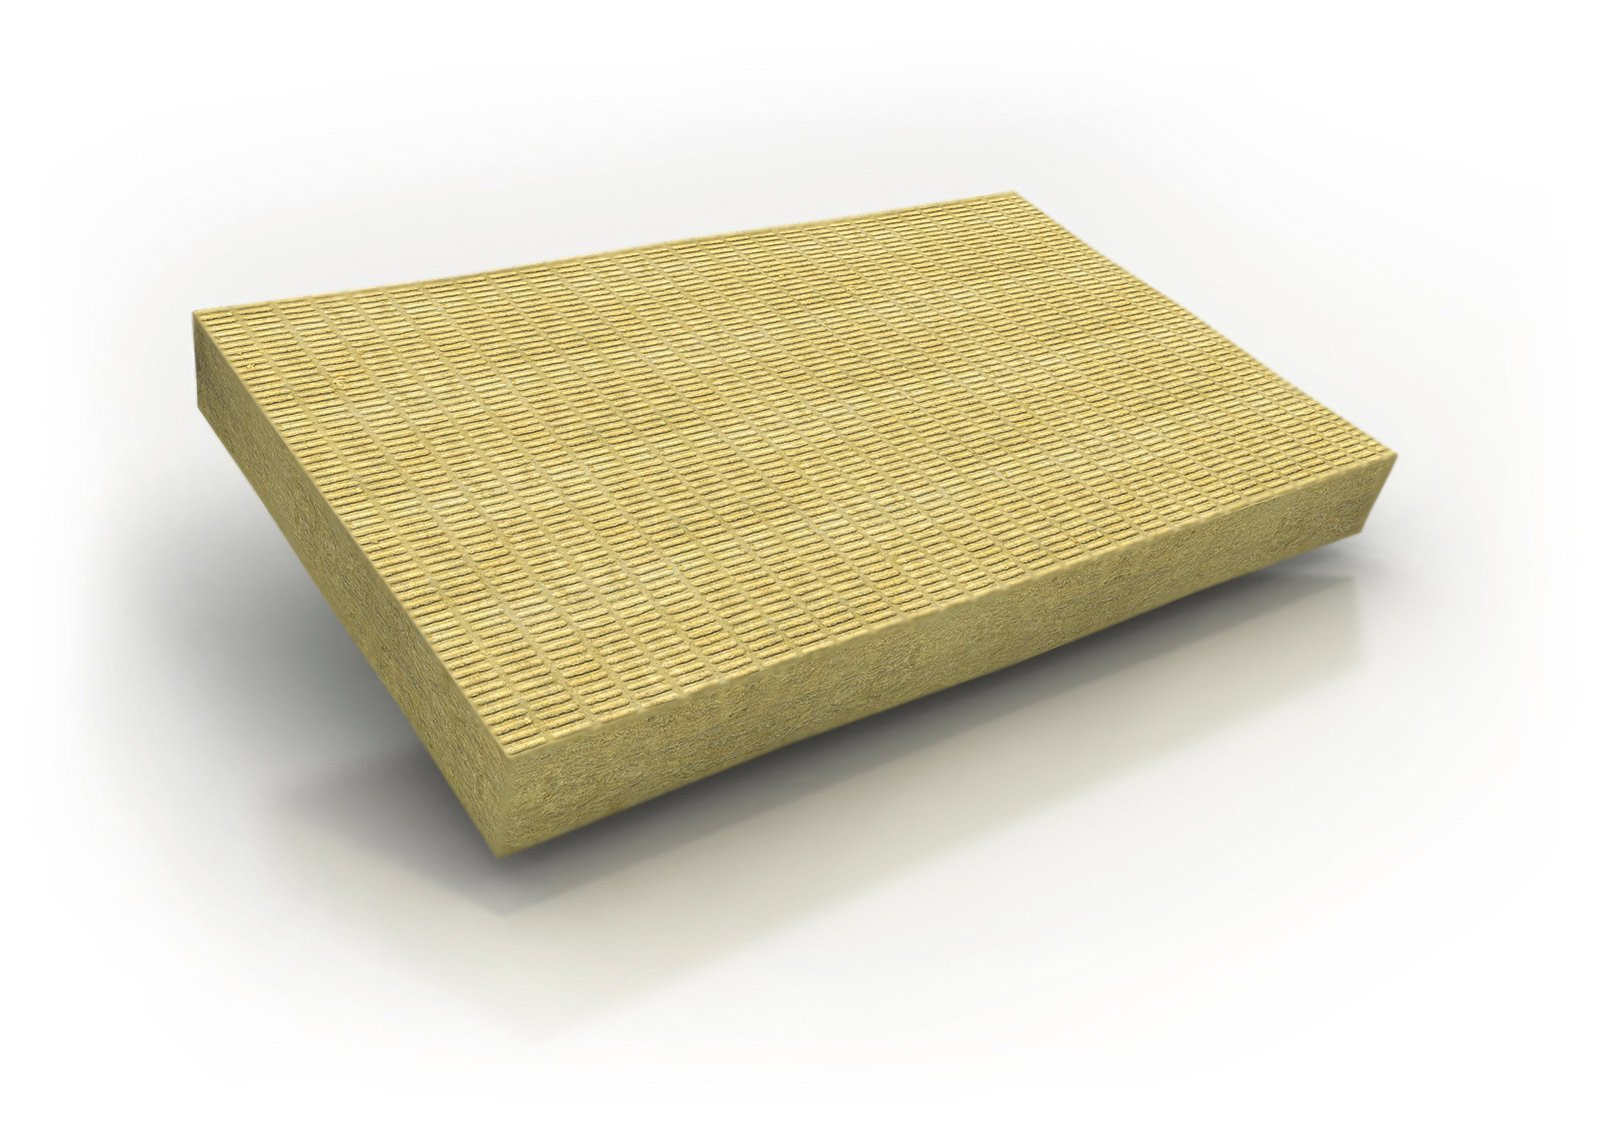 I migliori isolanti termici per tetti pareti e solai - Materiale isolante termico ...